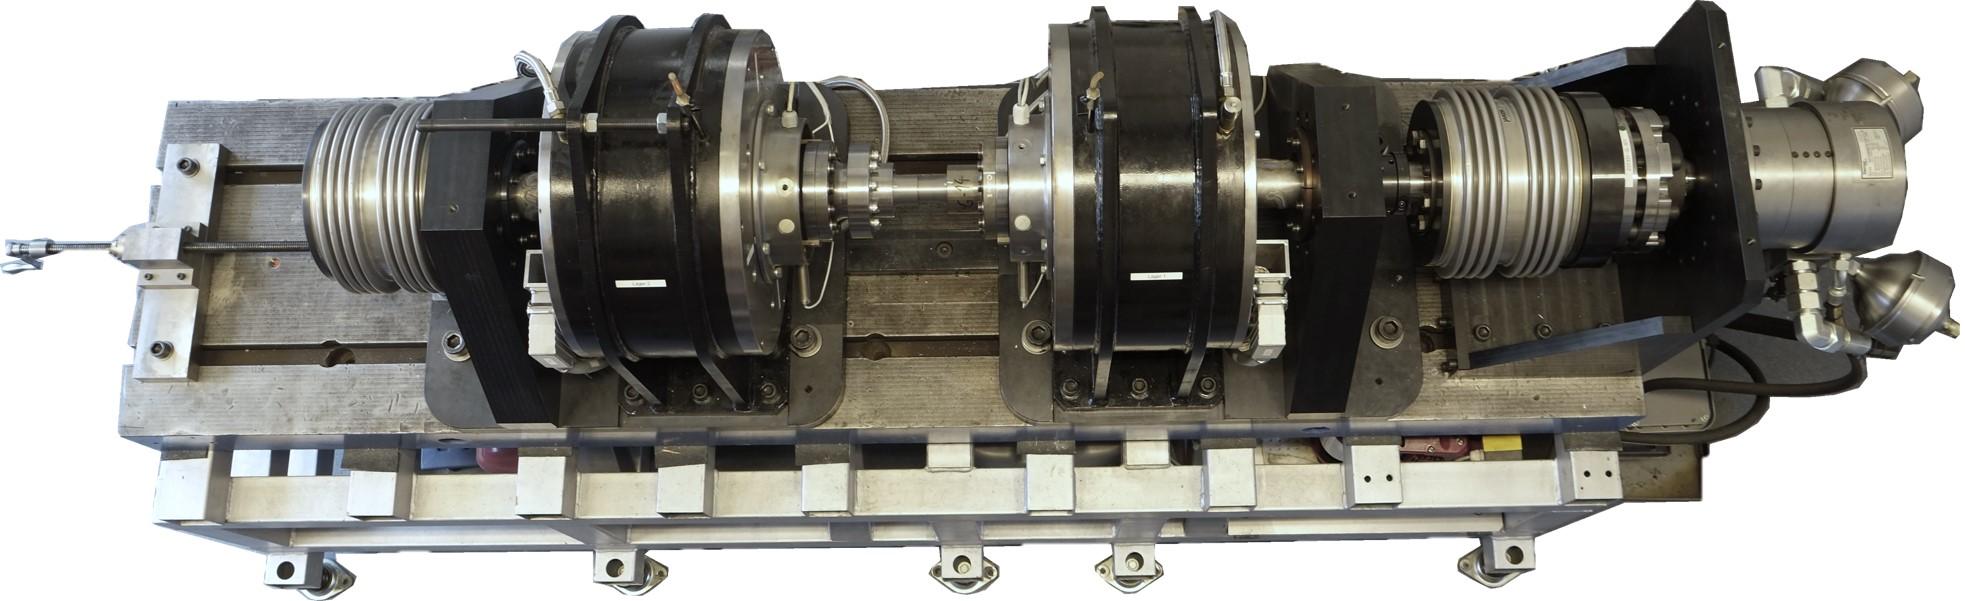 MLP - Magnetlagerpruefstand